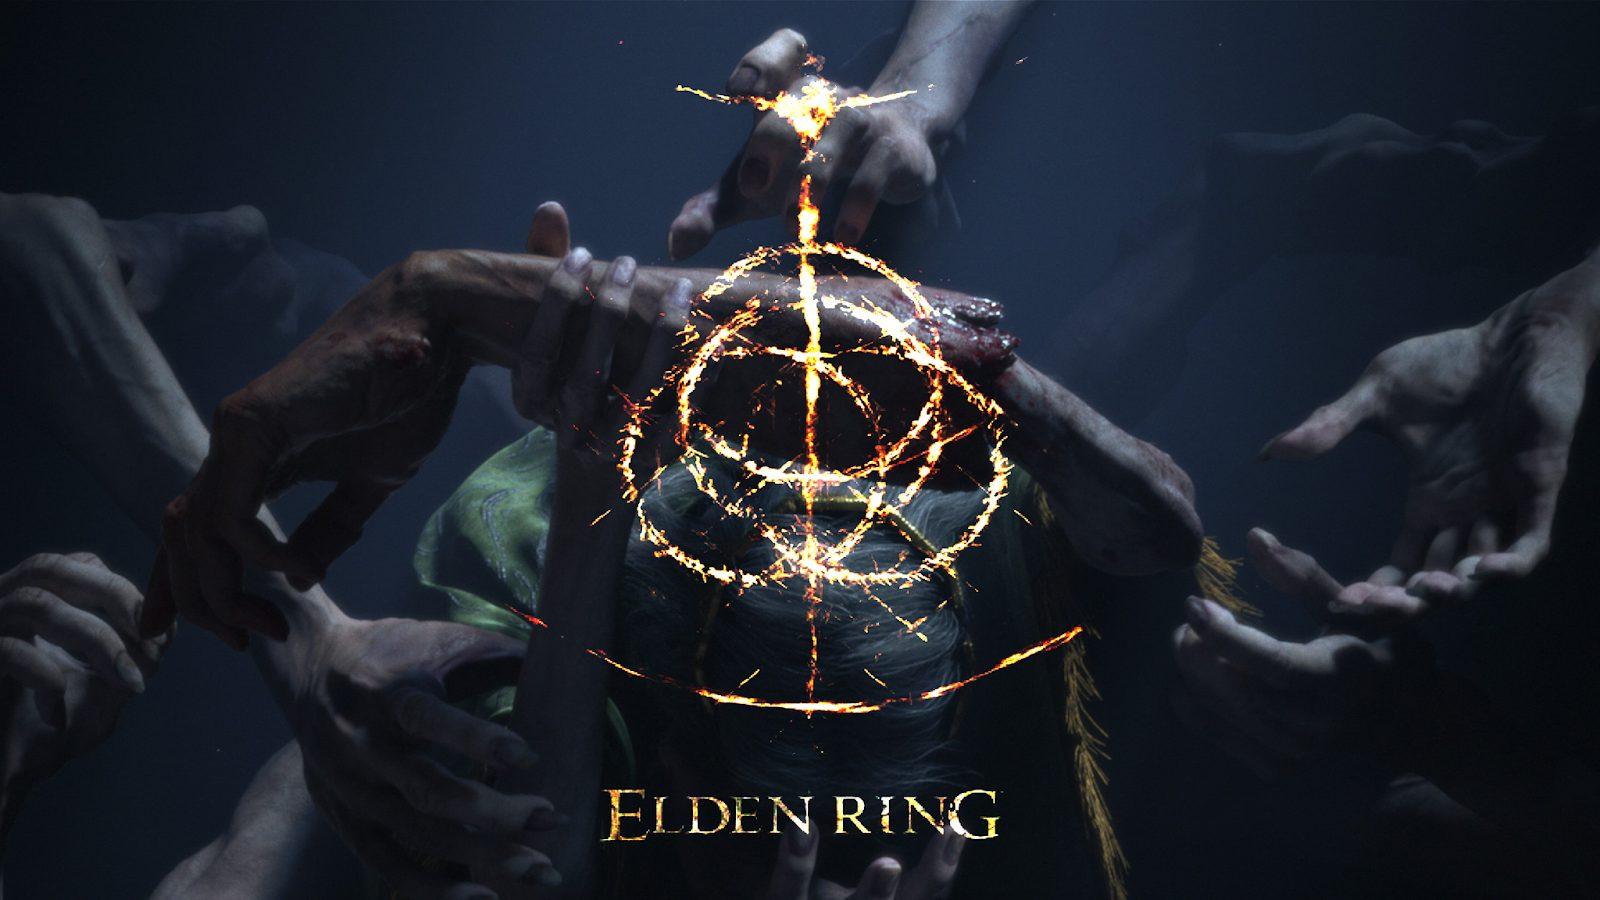 Finalmente temos um vislumbre de como será Elden Ring e o trailer vazado sugere forte influência de Dark Souls e as obras de George R.R. Martin, roteirista do game.